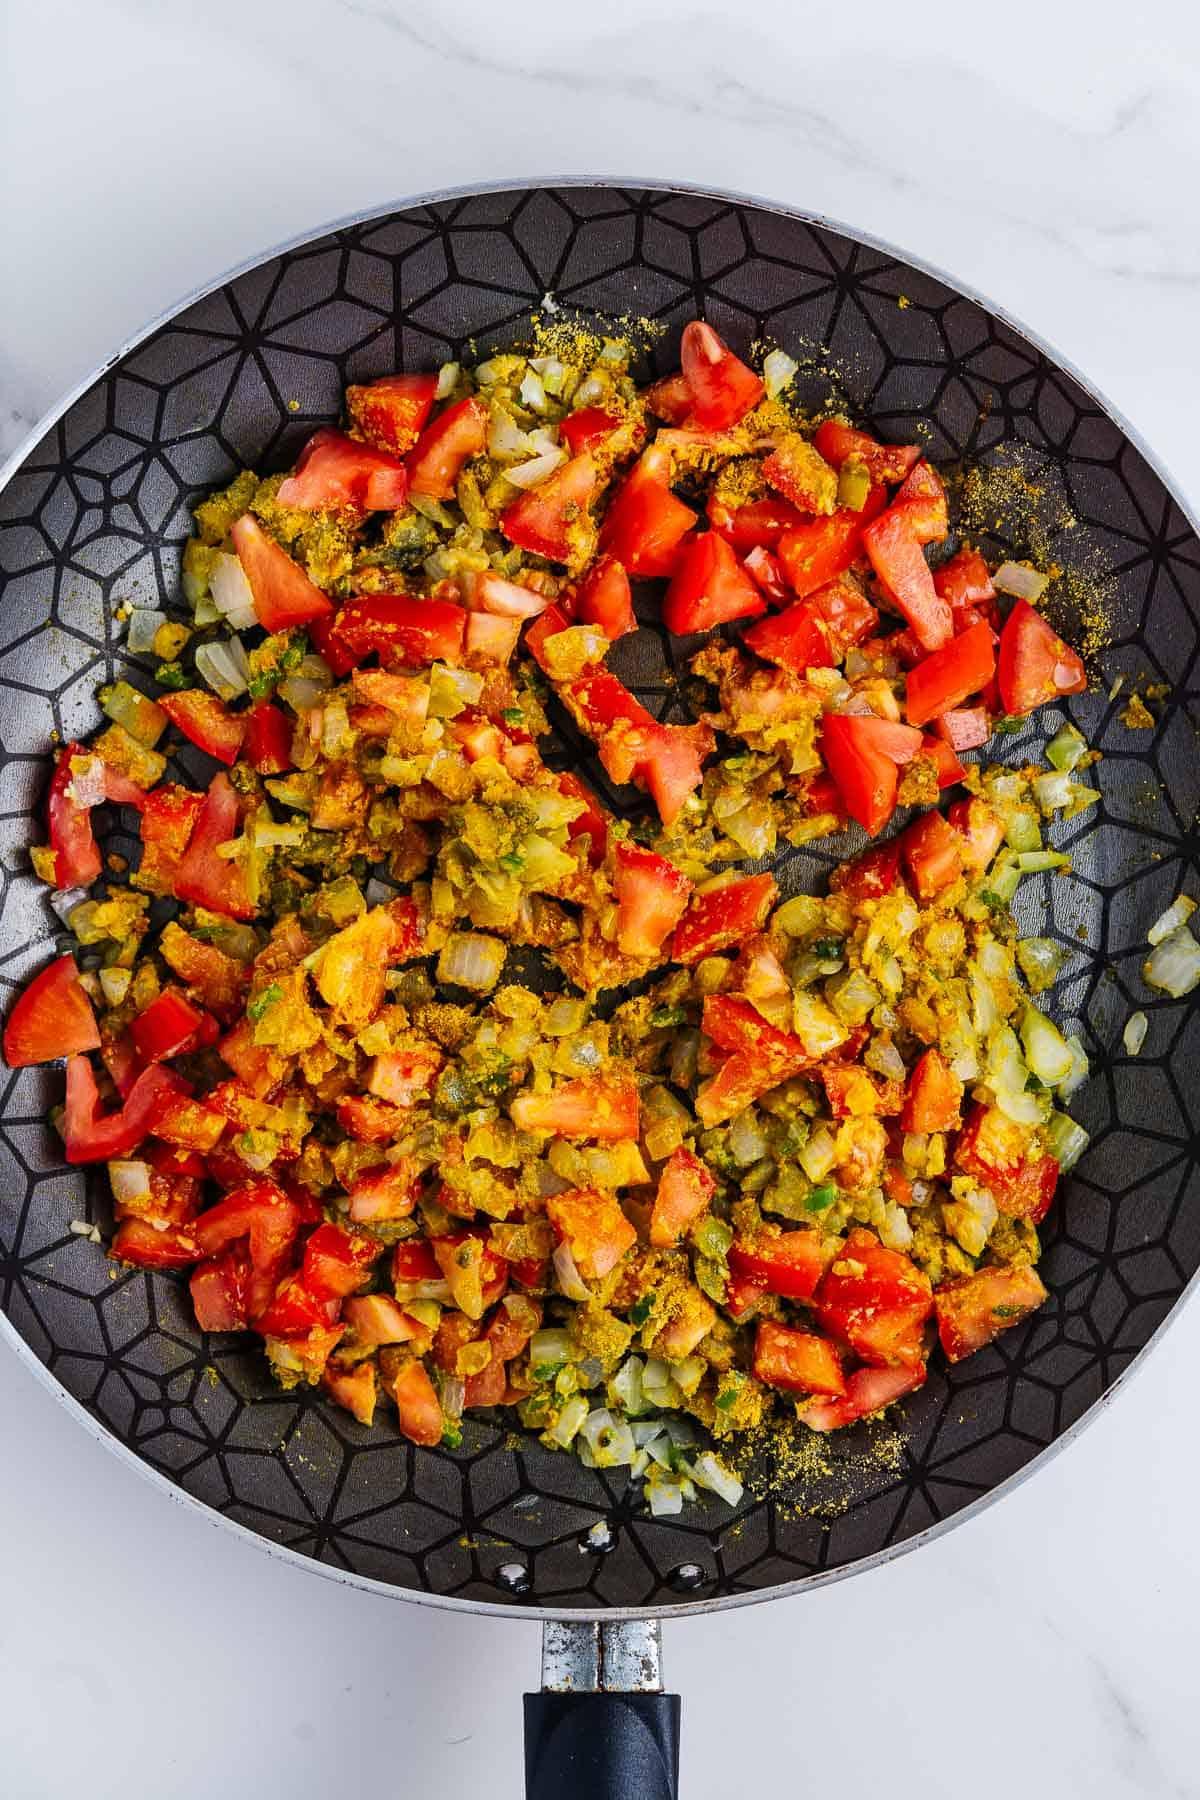 Sautéeing Vegetables and Seasonings